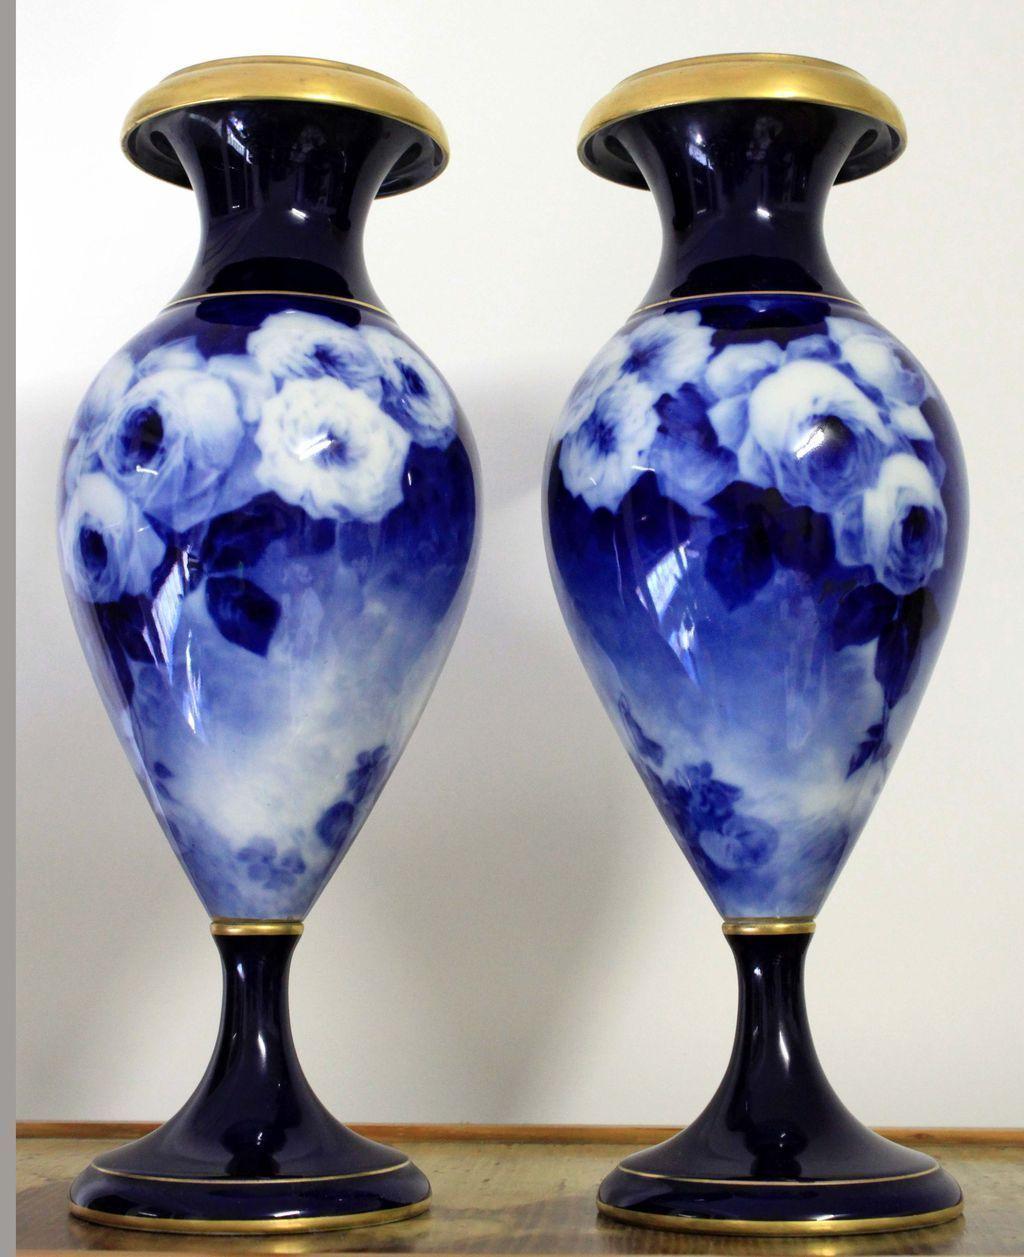 """20.5"""" Huge pair of Limoges cobalt blue vase with the roses, artist signed """"Fèvre"""", bolted base, burnished gold rim, 1920s-1930s"""